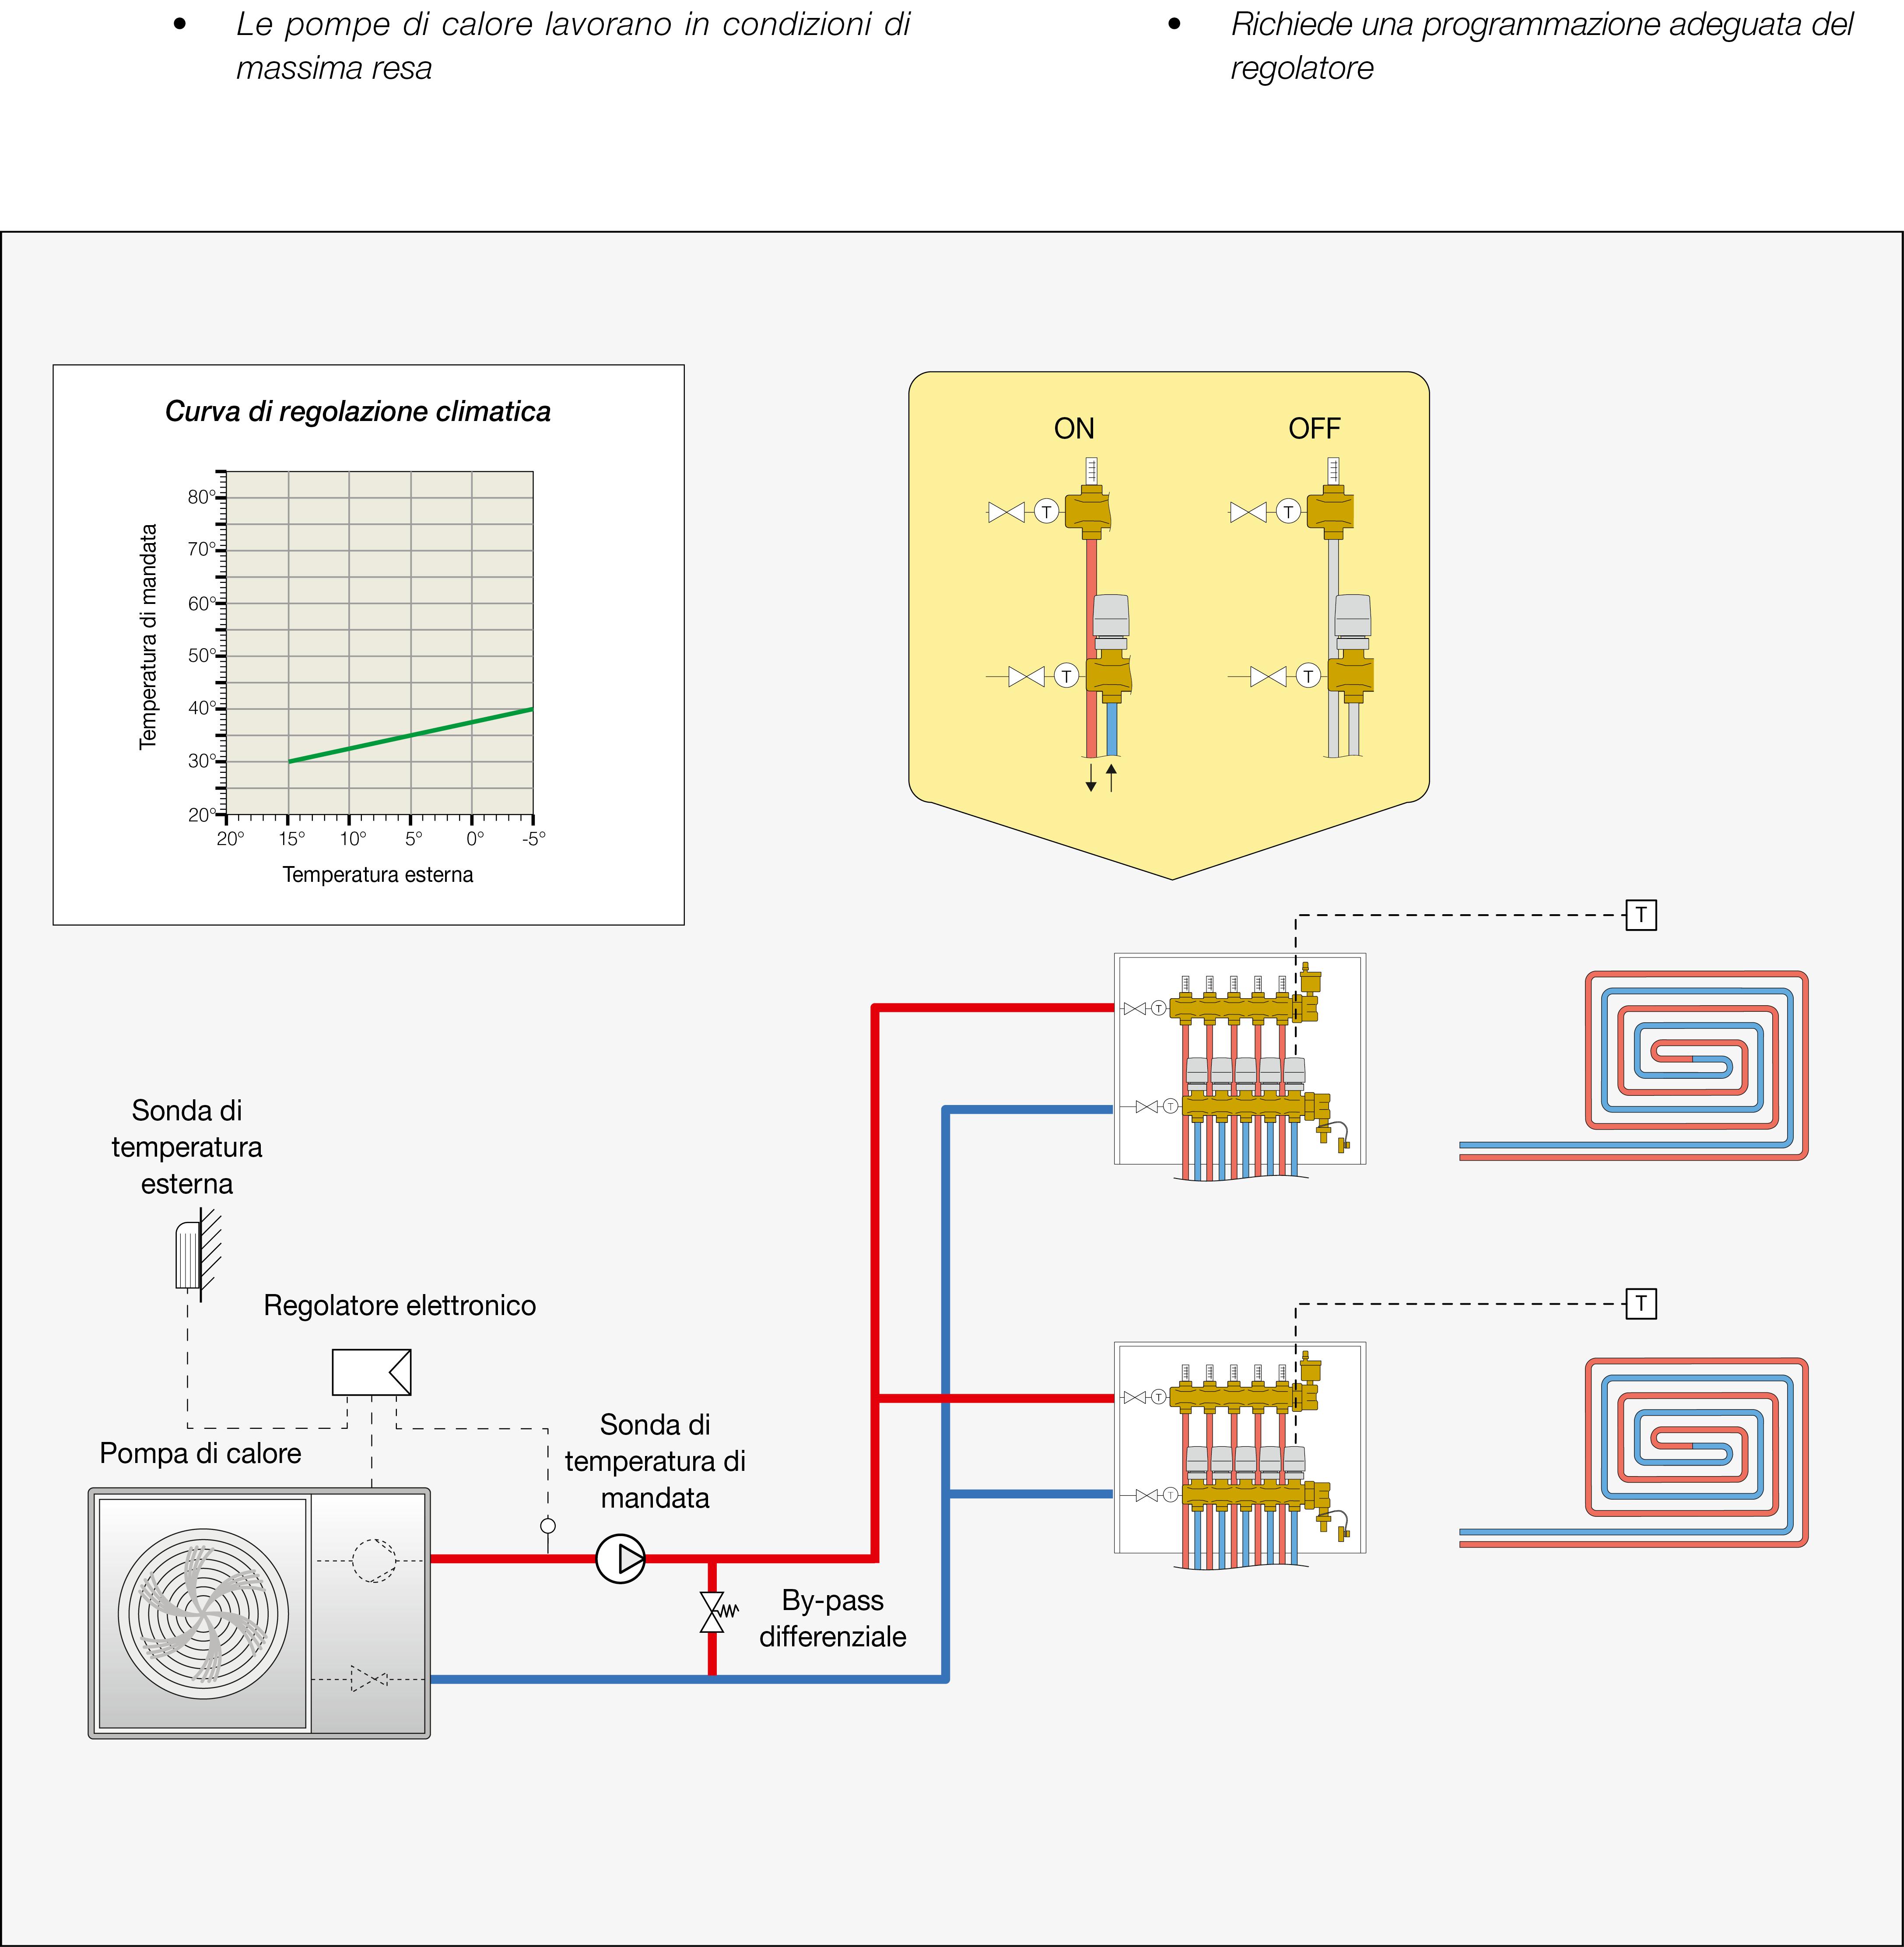 Pompa Di Calore Ventilconvettori impianti a pannelli radianti con pompa di calore | caleffi